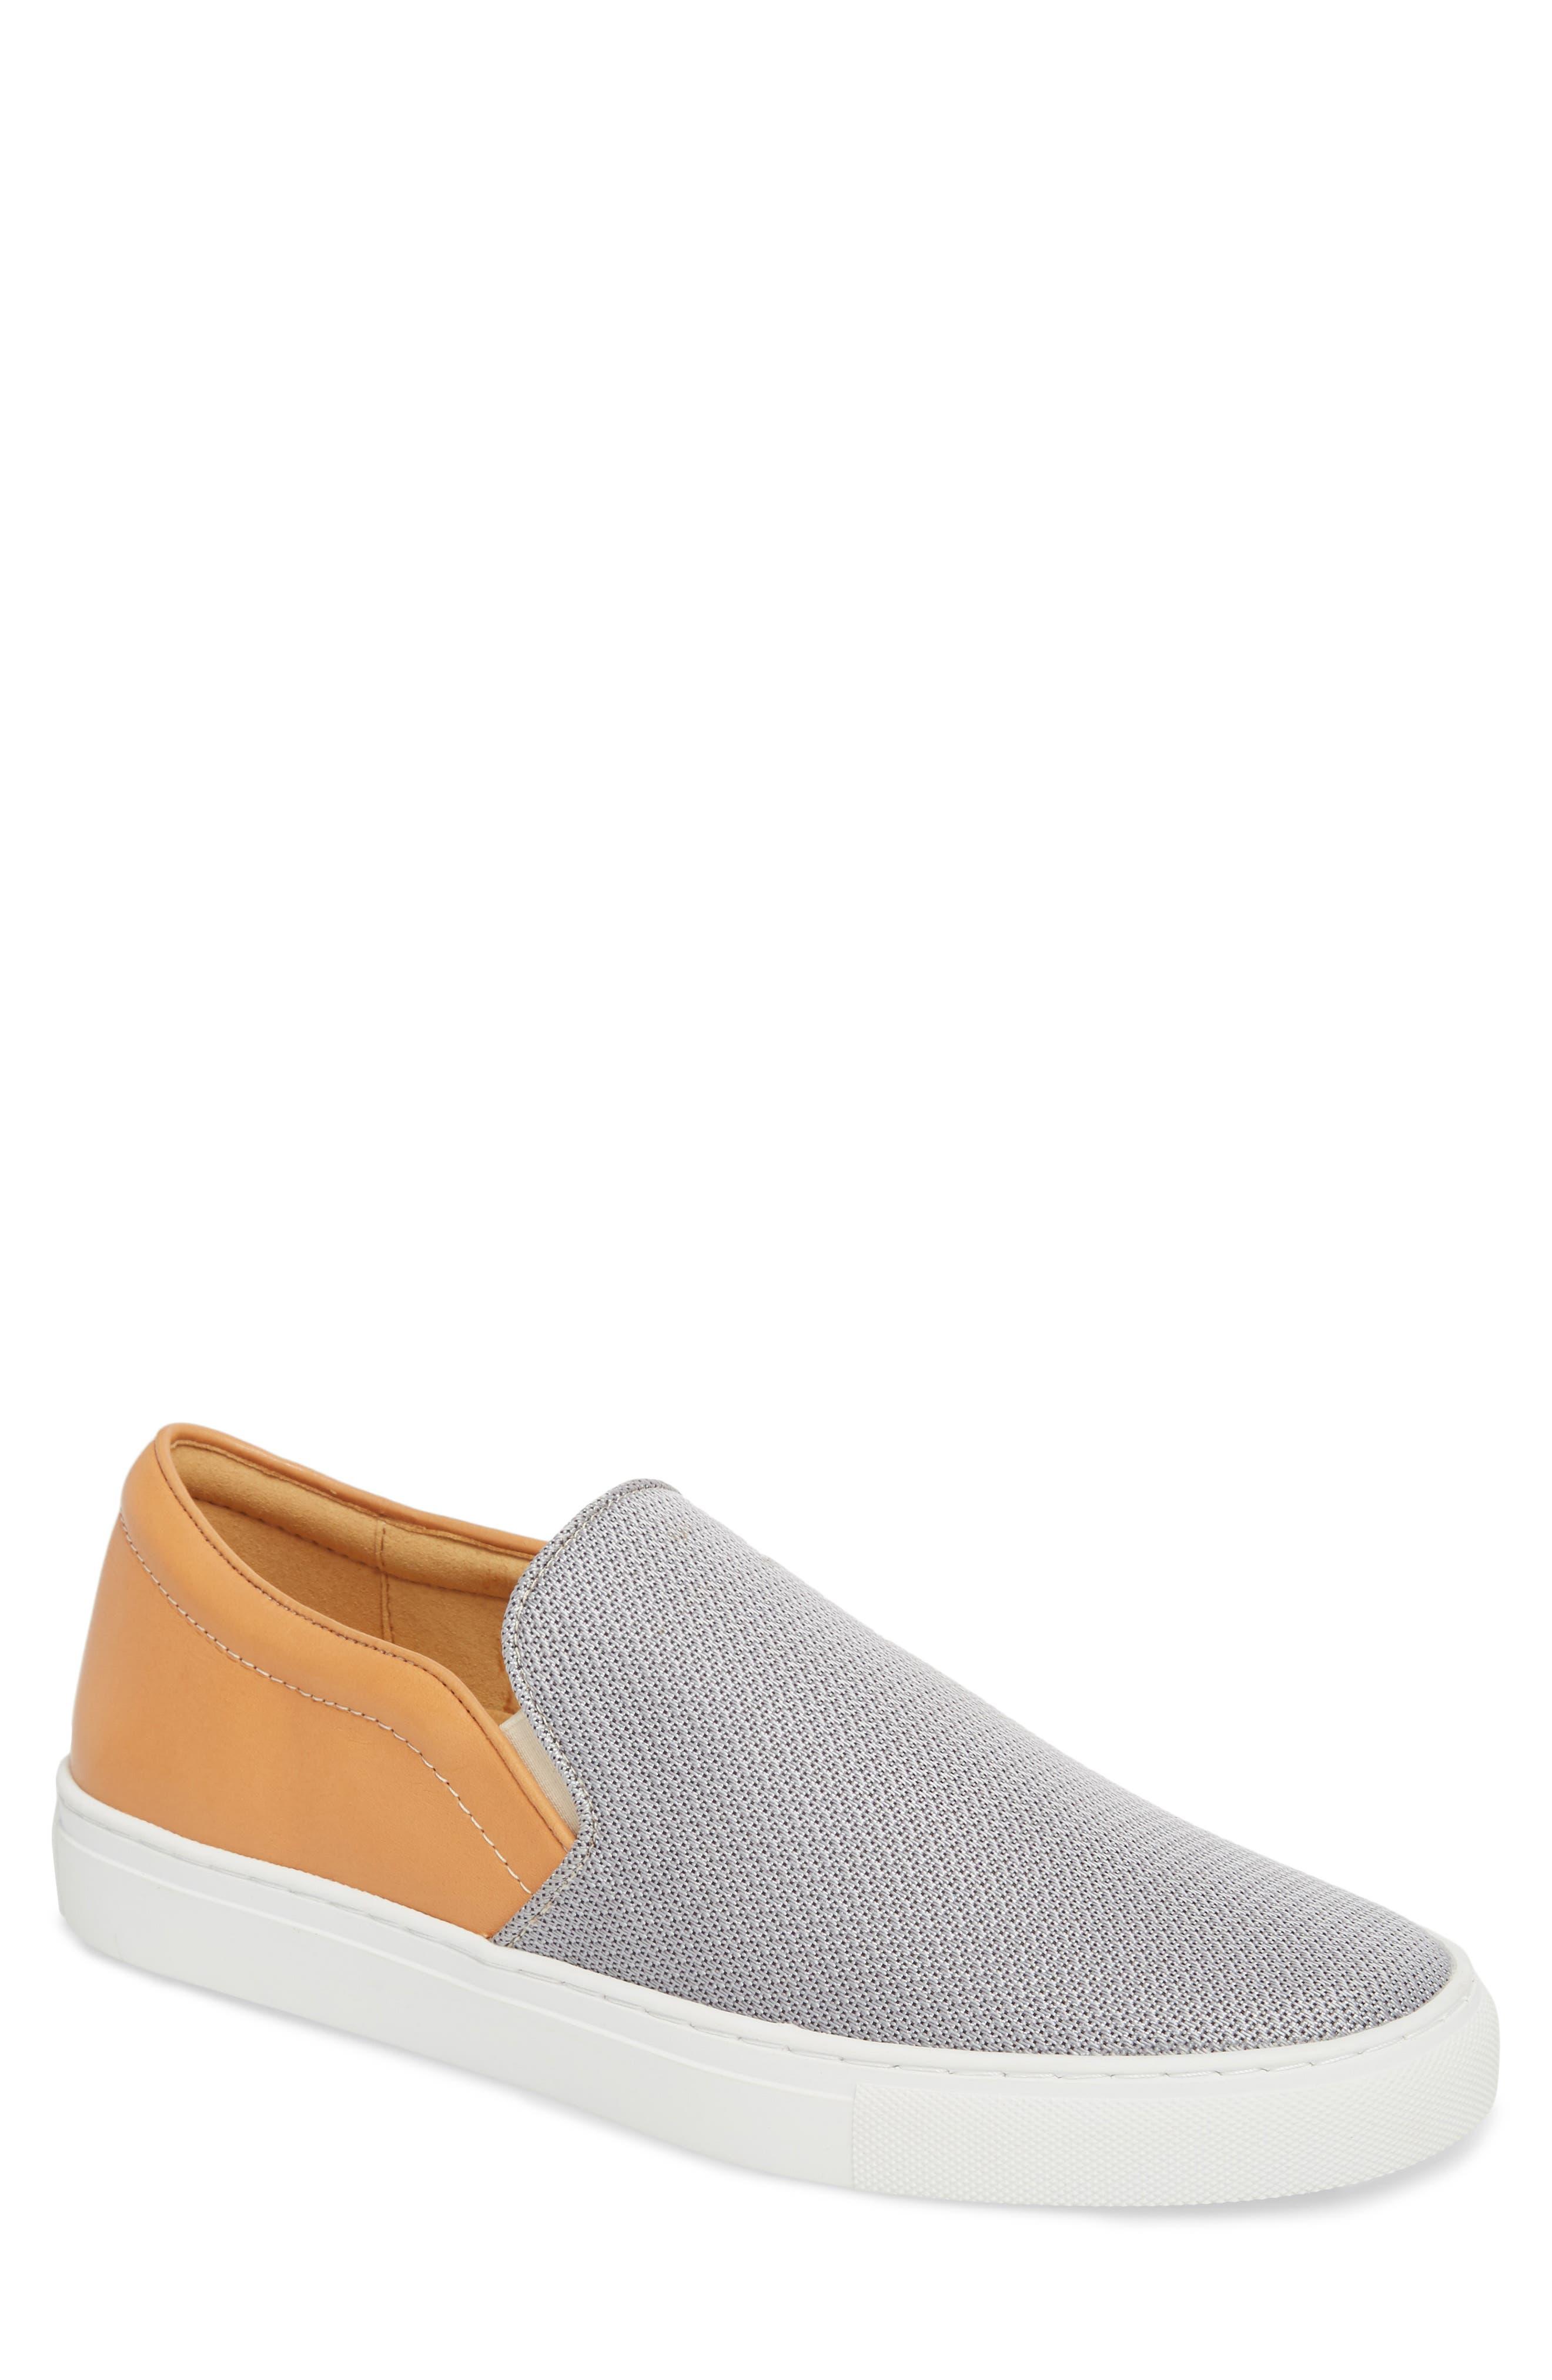 Albin Raffia Slip-On Sneaker,                         Main,                         color, 041